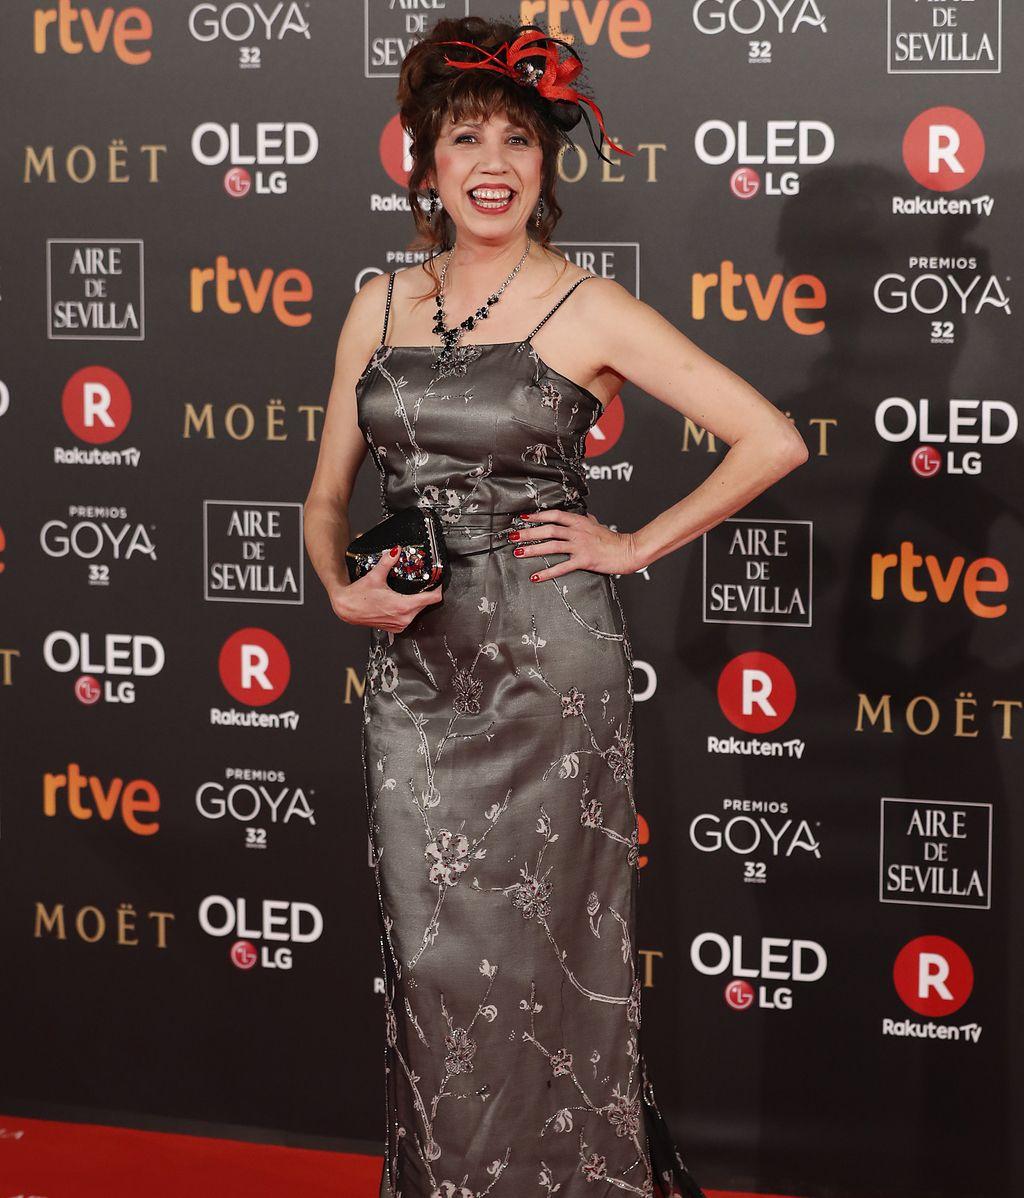 Pilar Ordóñez